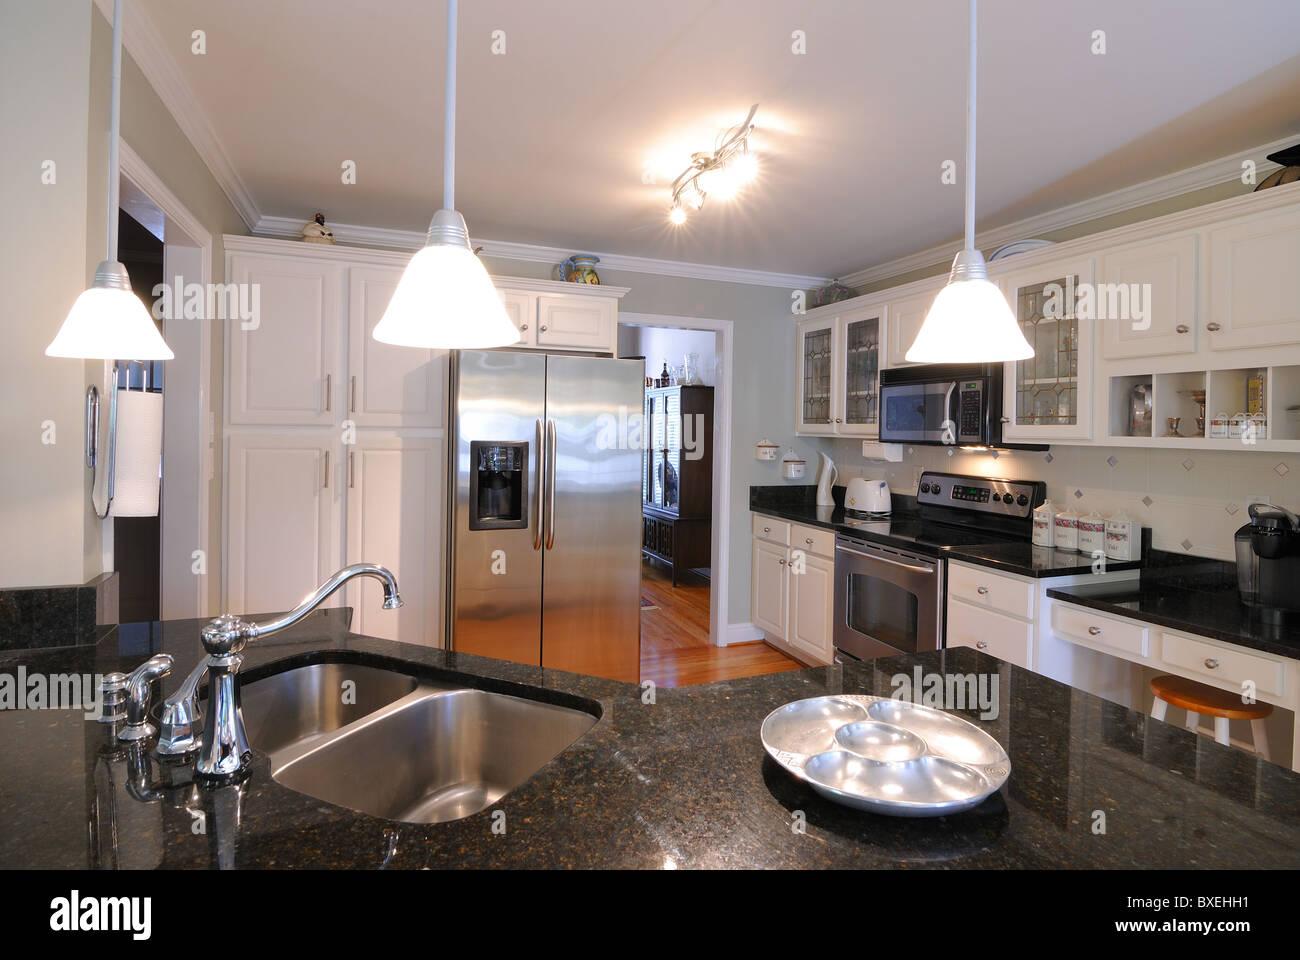 Moderne Küchengeräte und Leuchten Stockbild